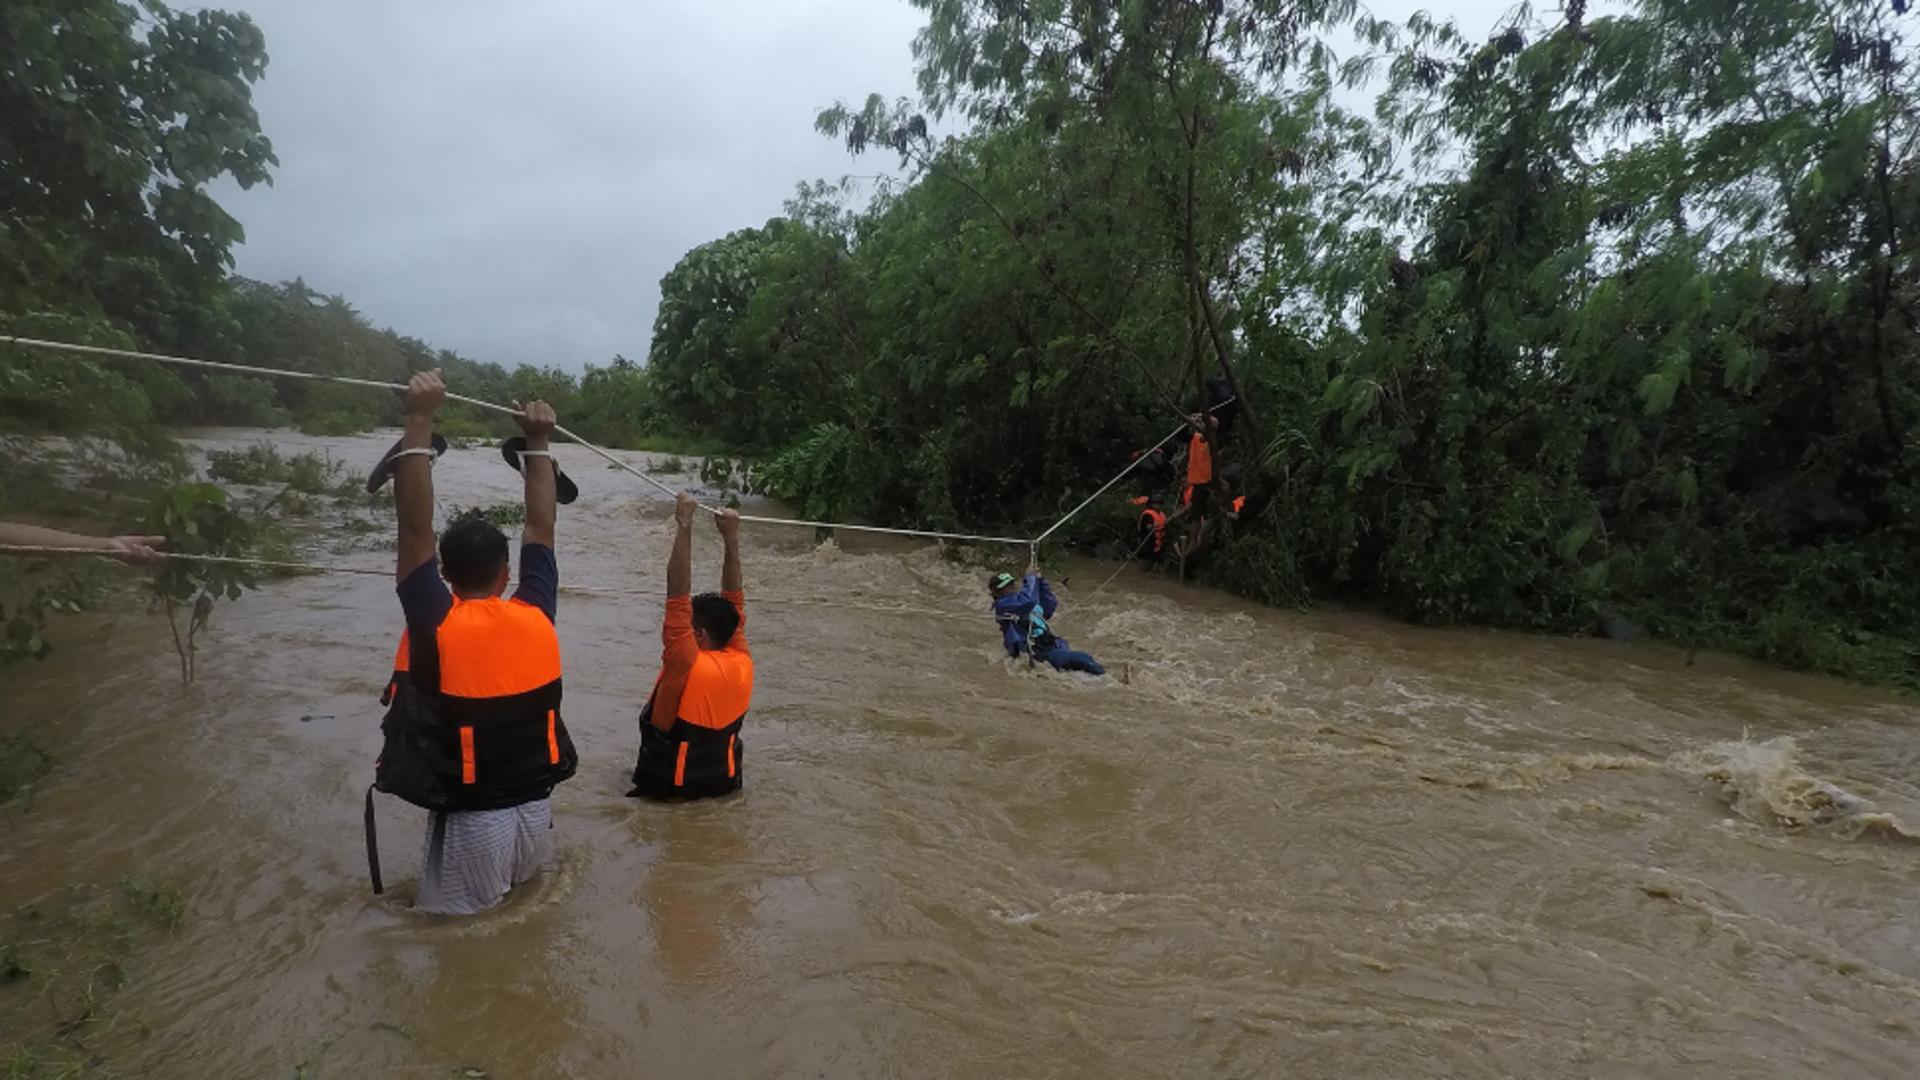 BILANȚUL furtunii Kompasu din Filipine crește la 30 de morți! Cel puțin 13 persoane dispărute - Imaginile DEZASTRULUI